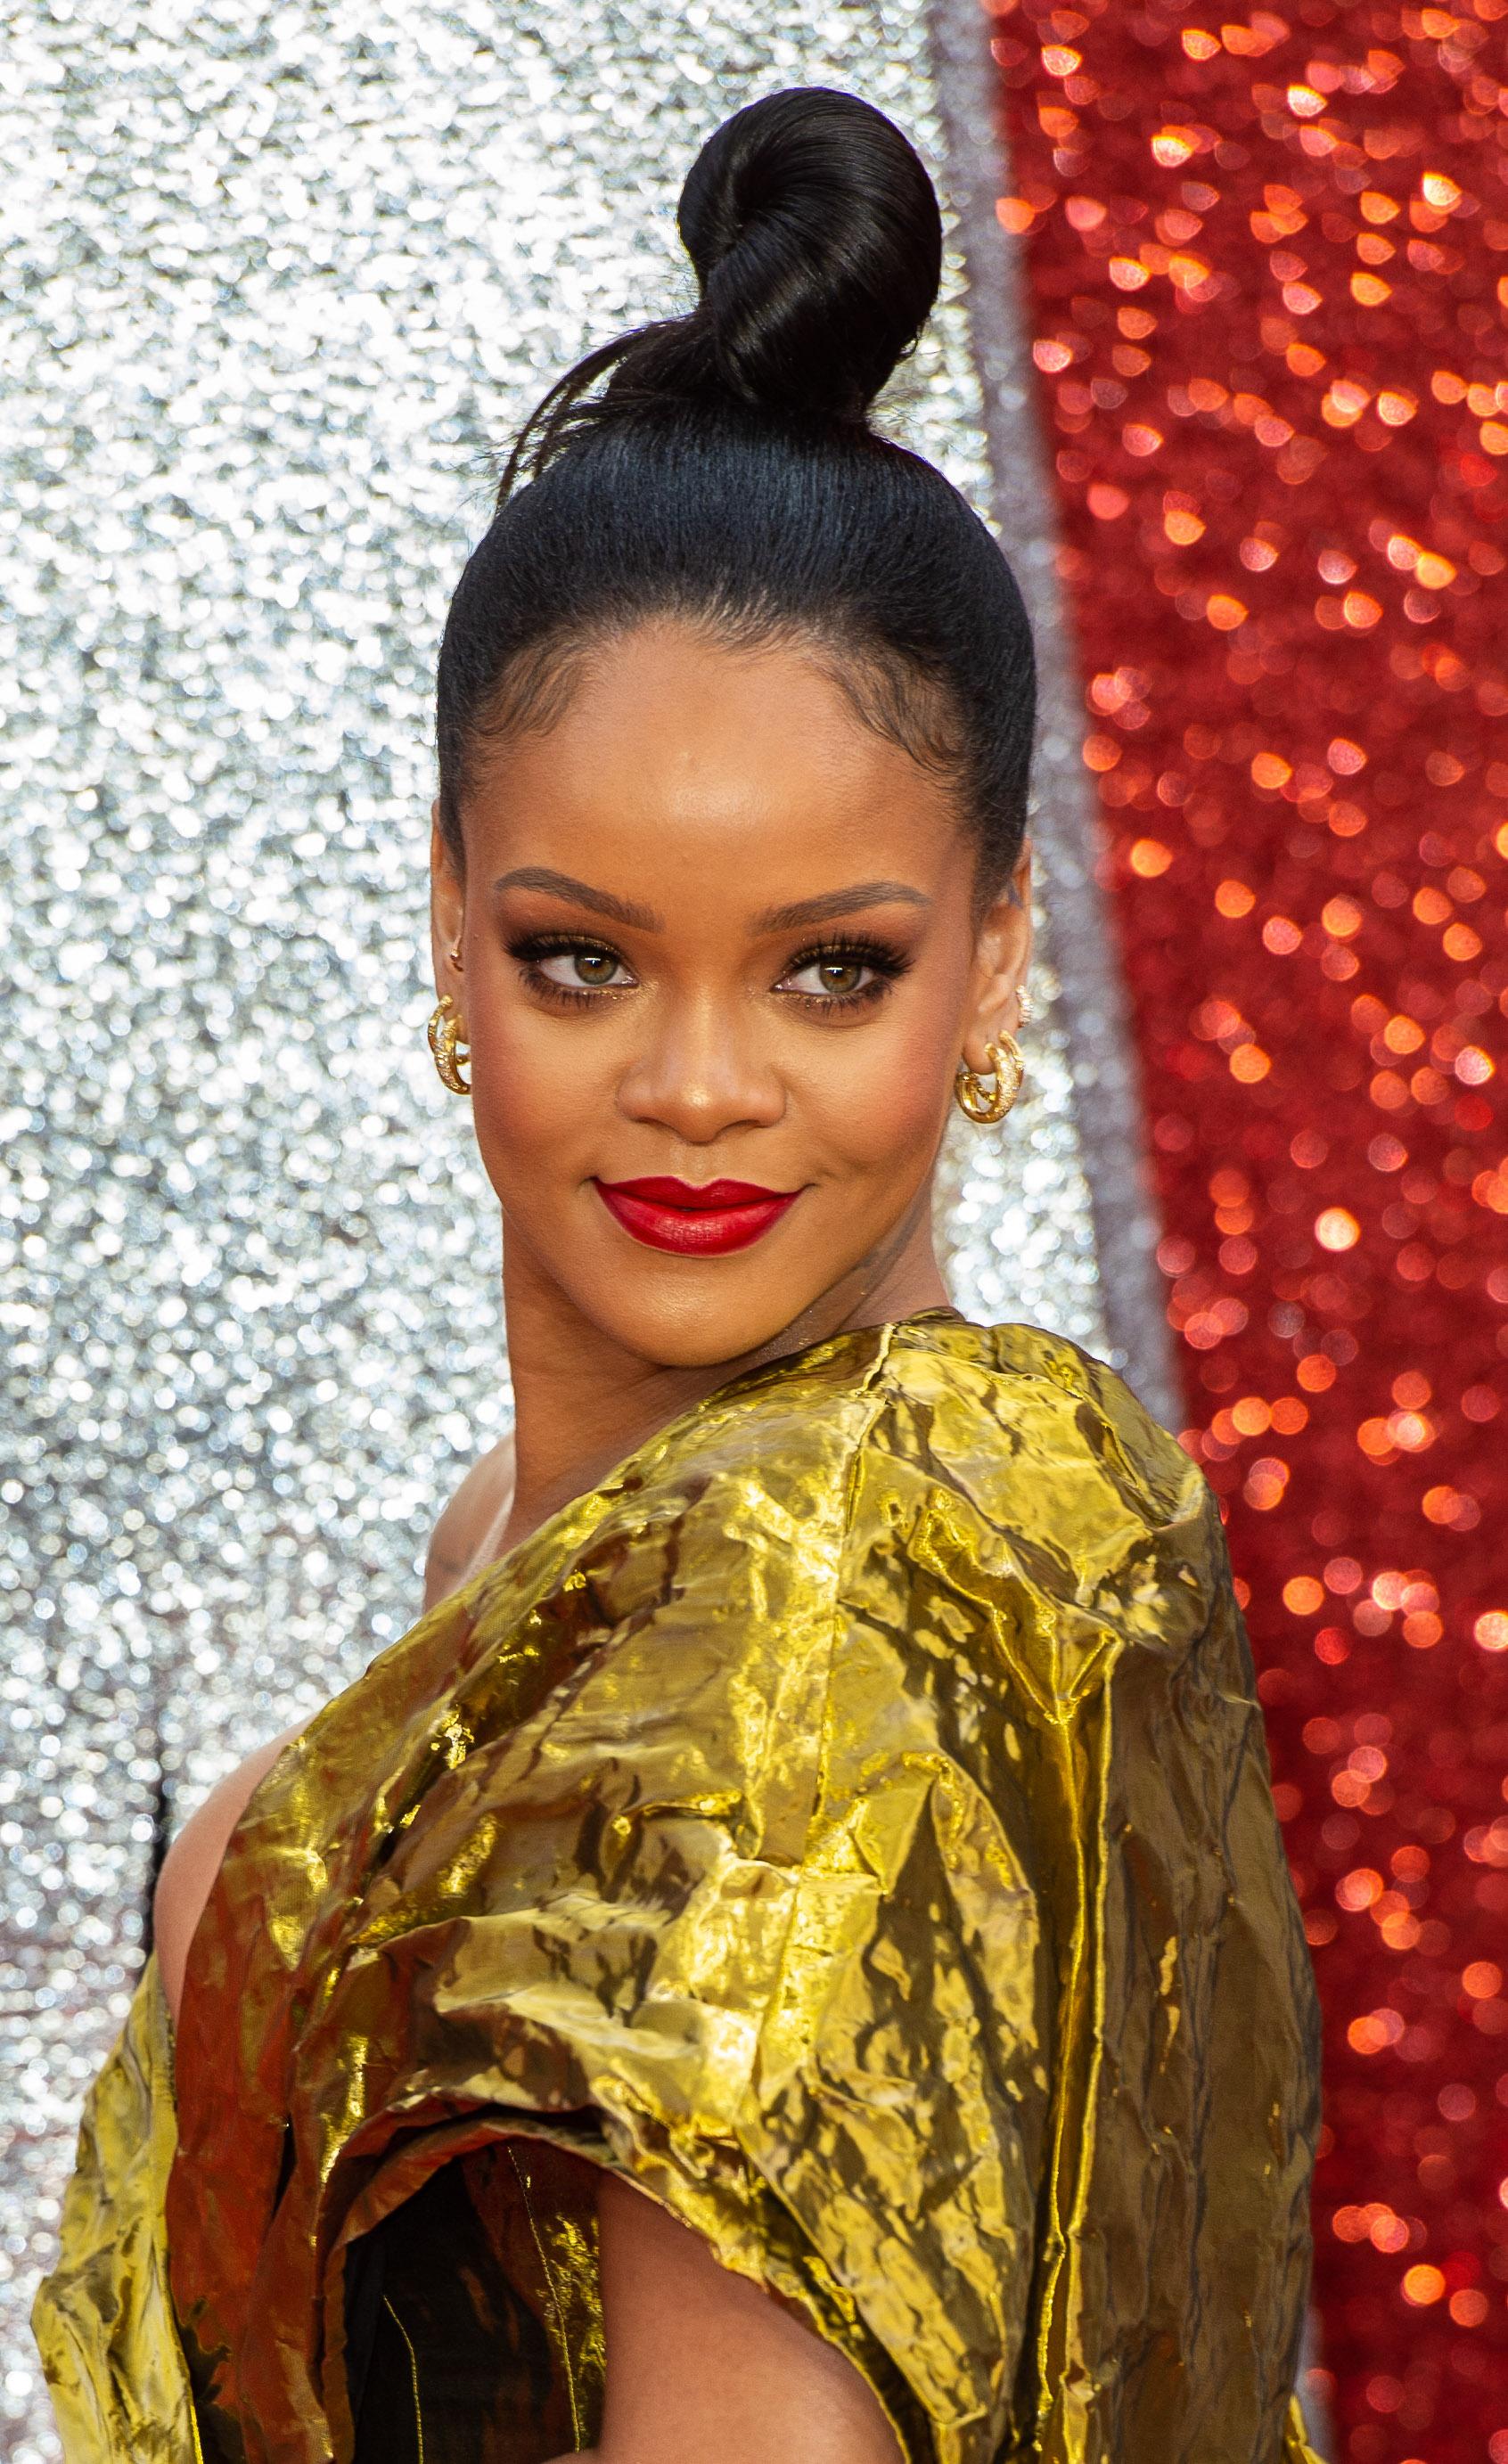 Rihanna Sued By Clothing Company Over 'FU' Logo